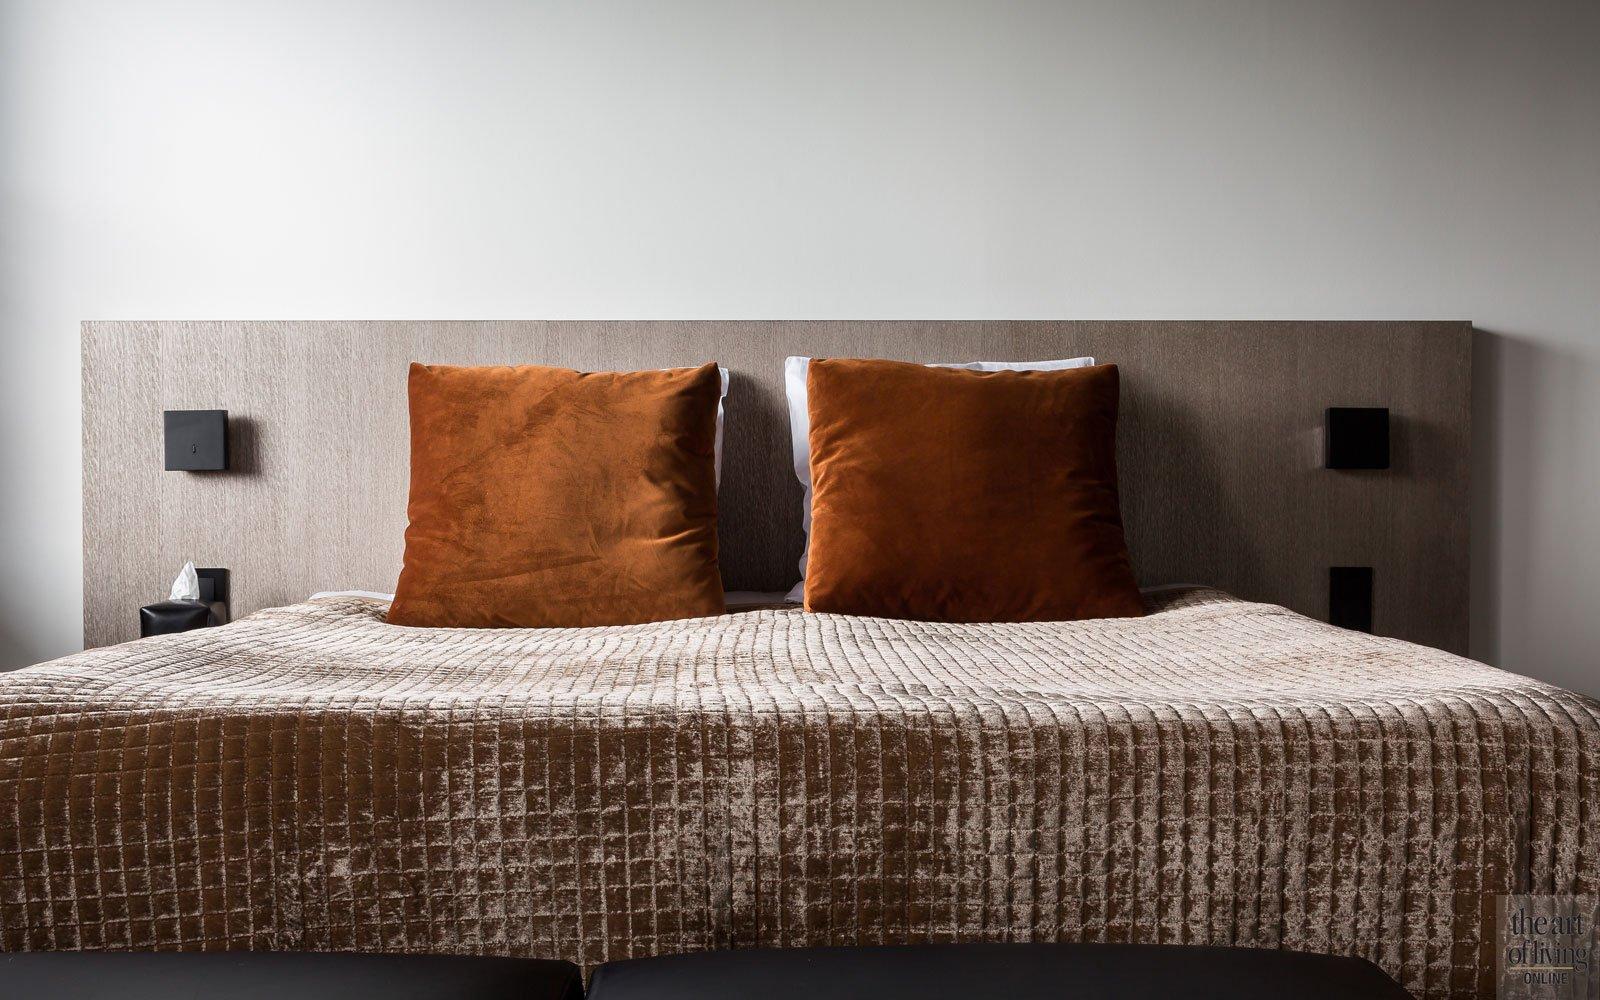 Slaapkamer, master bedroom, bed, loftslaapkamer, renovatie, herenhuis, JUMA architects